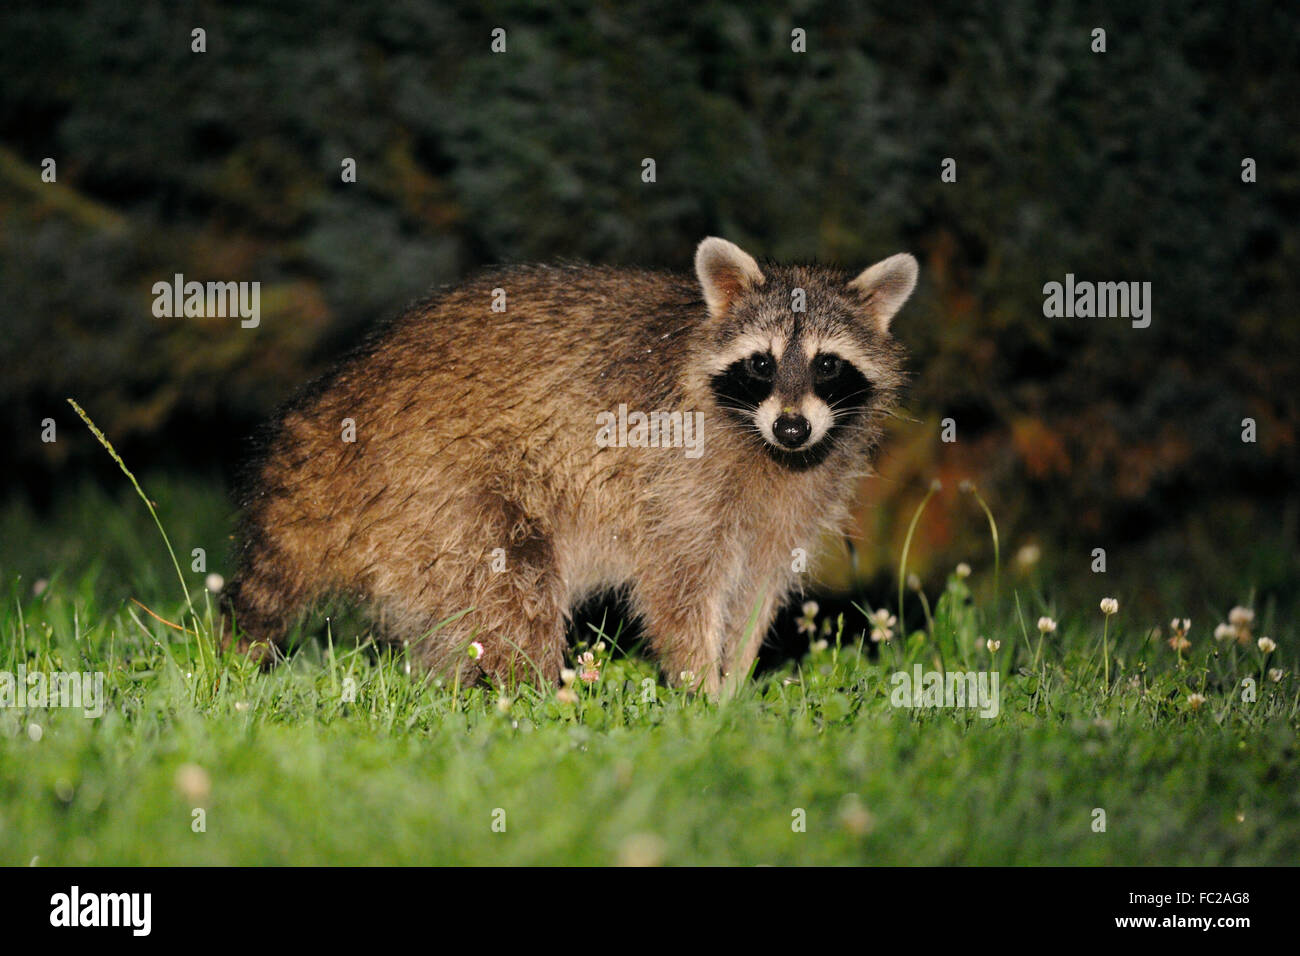 Mapache (Procyon lotor común ) mira sorprendida, se sitúa delante de algunos arbustos, tarde en la noche, Imagen De Stock